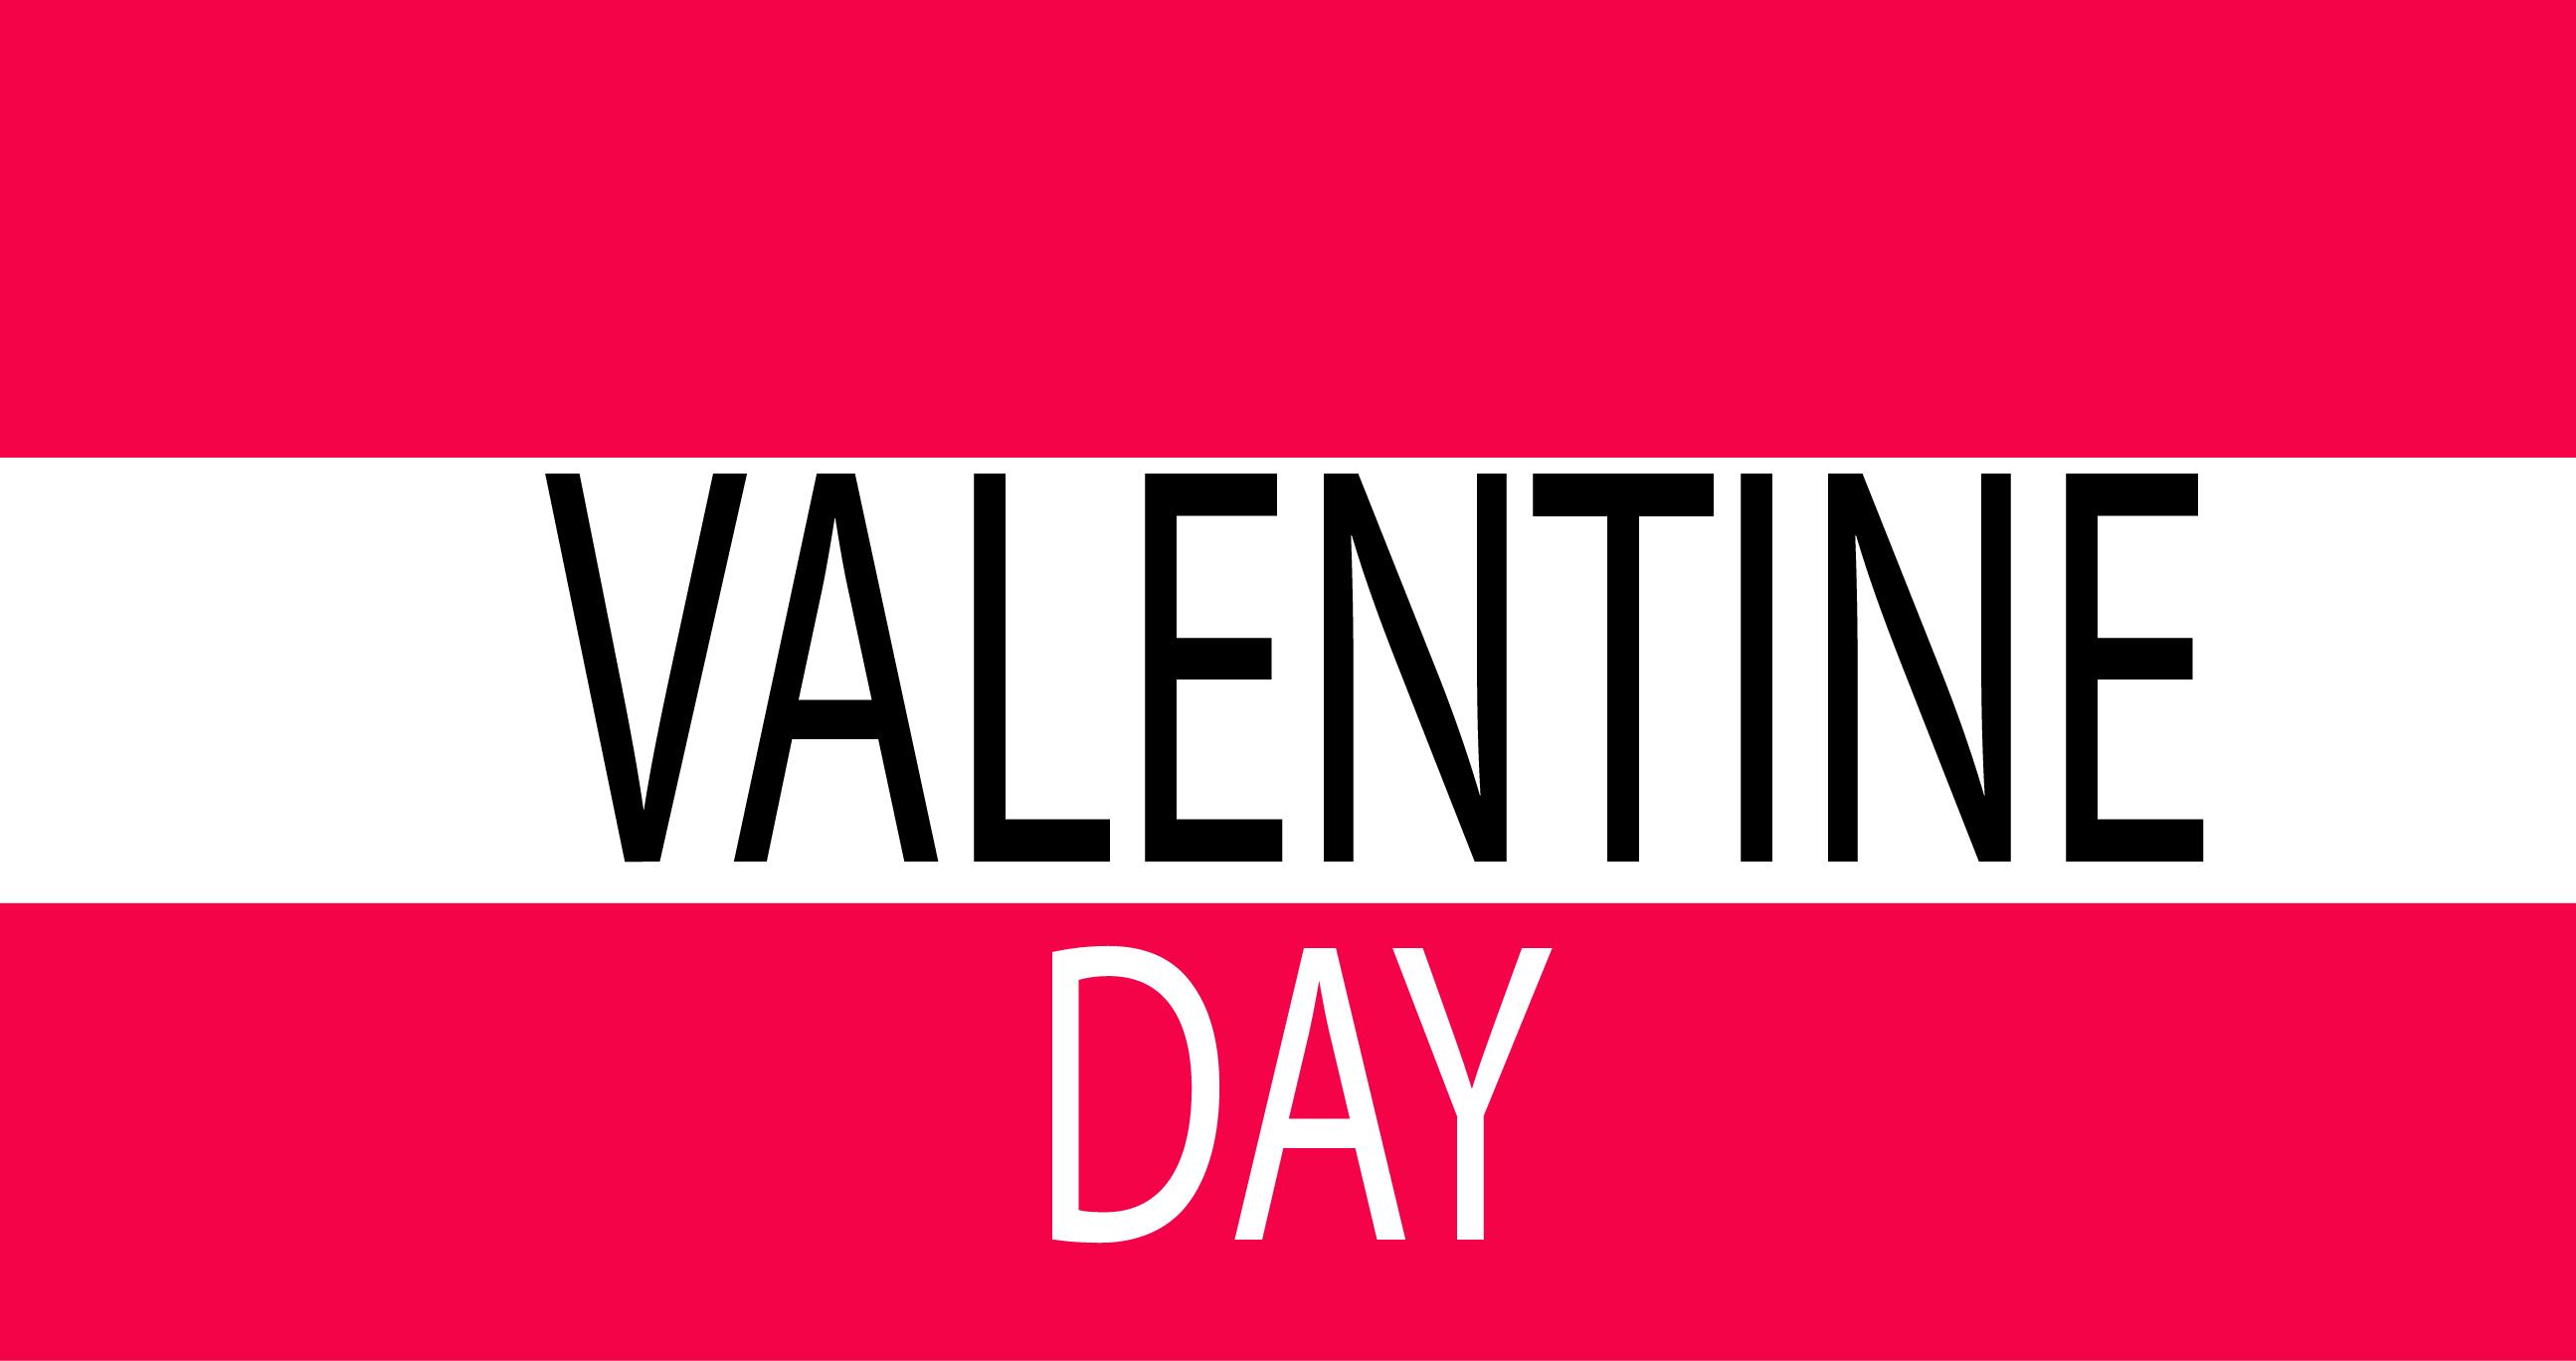 Velentine day - Tampil Cantik Dihari Valentine, Dengan 3 Tampilan Ini.